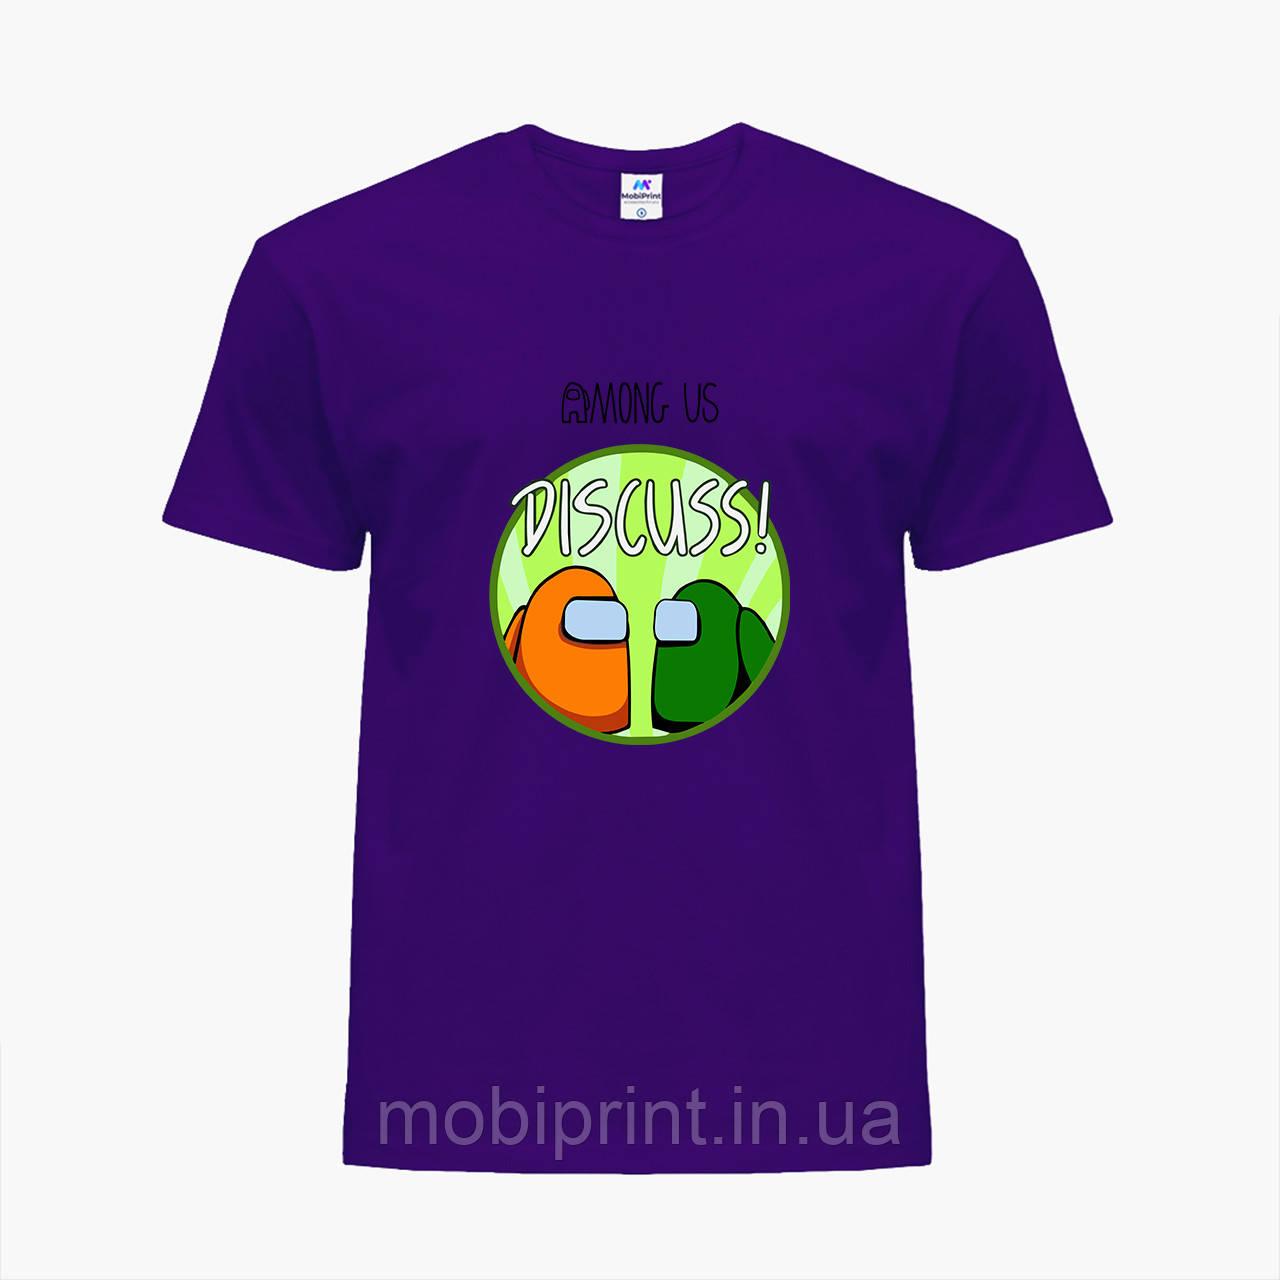 Детская футболка для мальчиков Амонг Ас (Among Us) (25186-2588) Фиолетовый